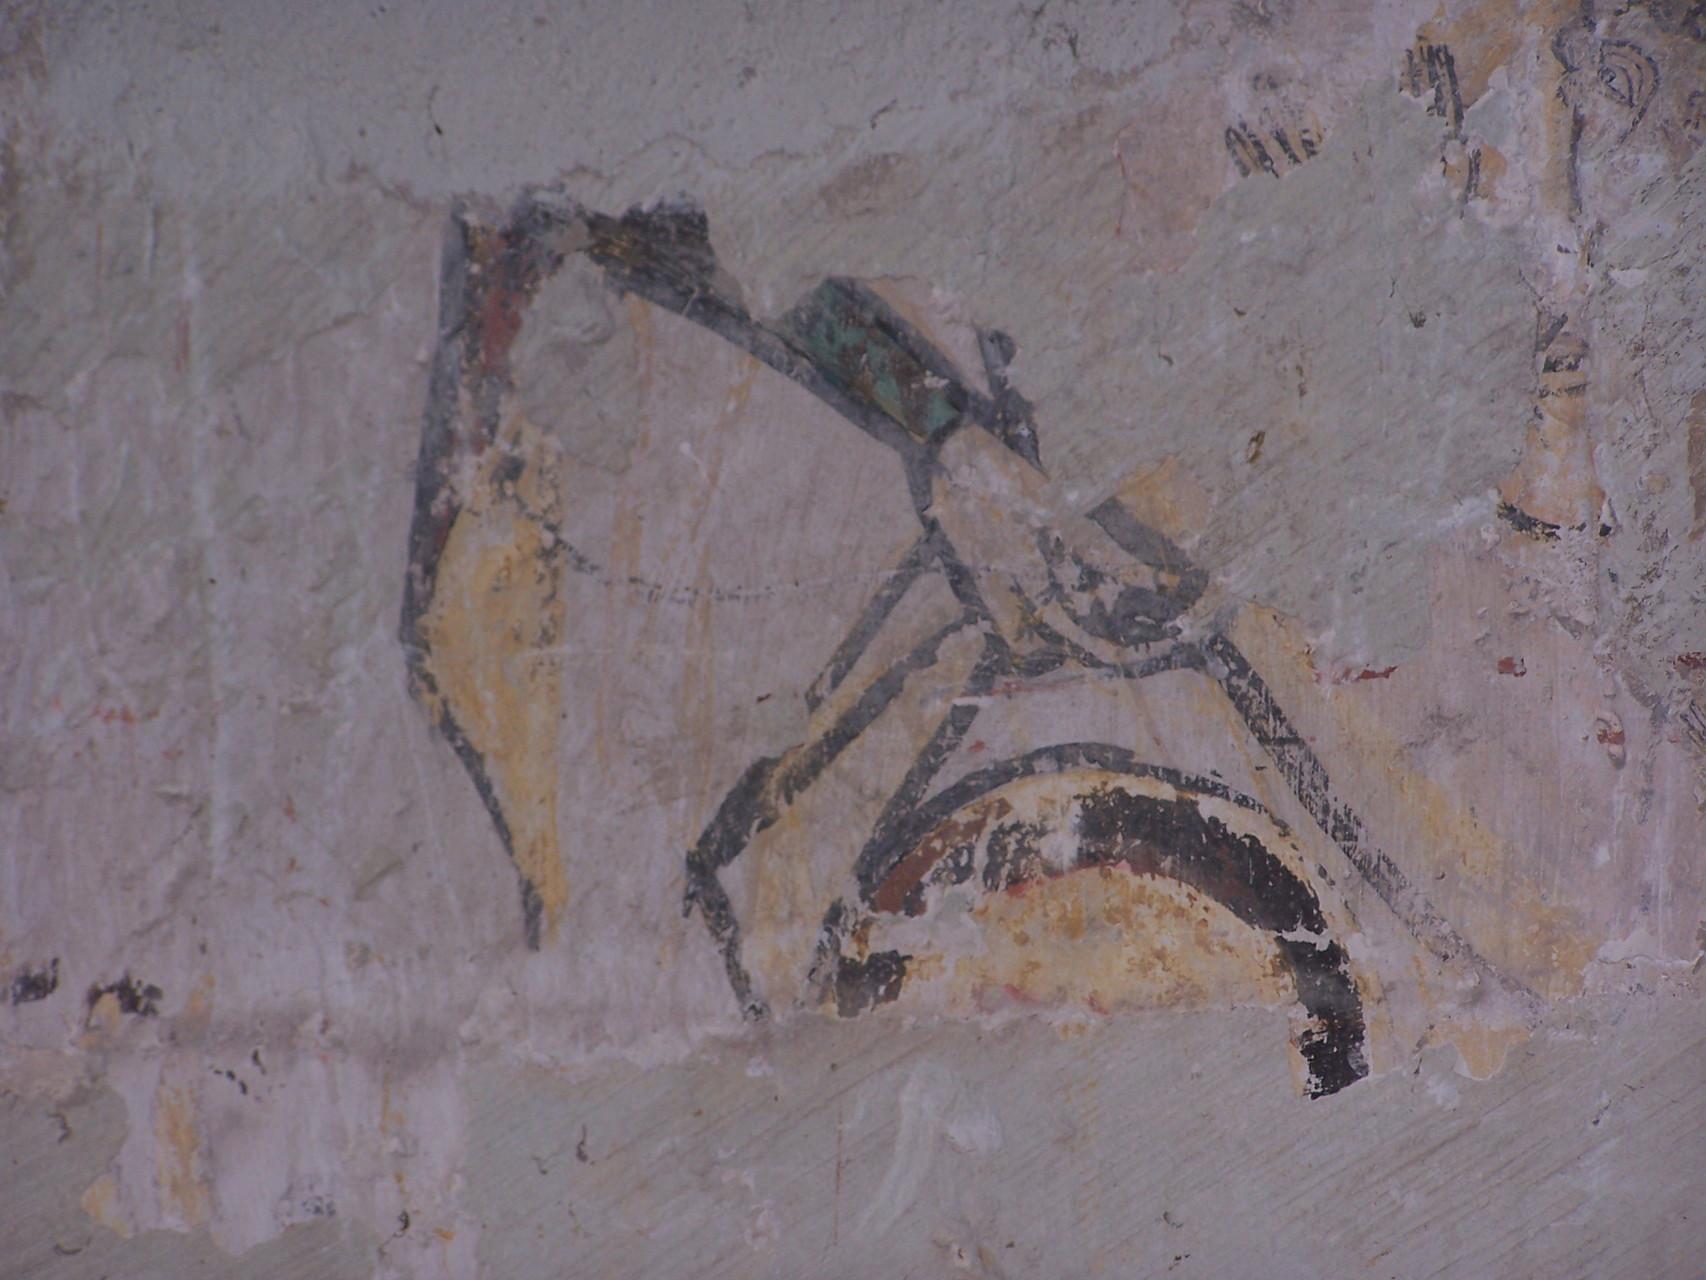 L'archange saint Michel et sa balance